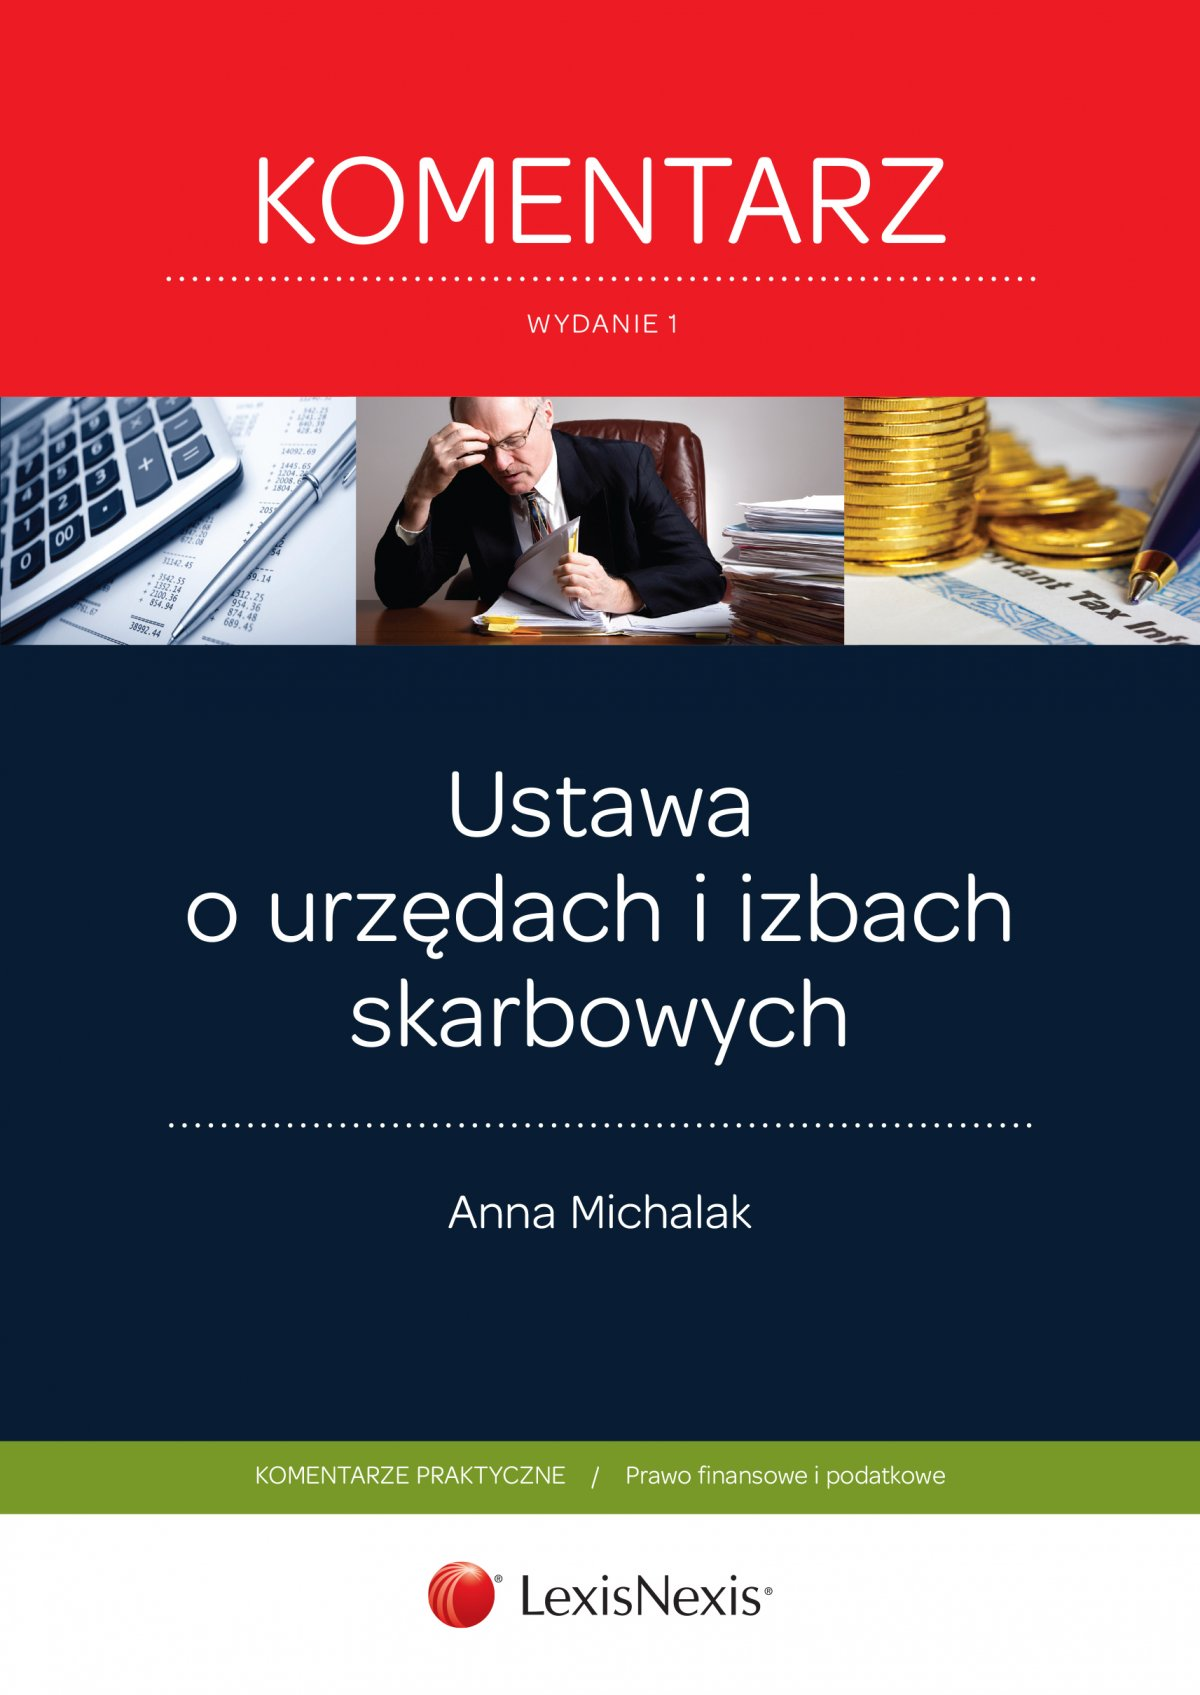 Ustawa o urzędach i izbach skarbowych Komentarz. Wydanie 1 - Ebook (Książka EPUB) do pobrania w formacie EPUB